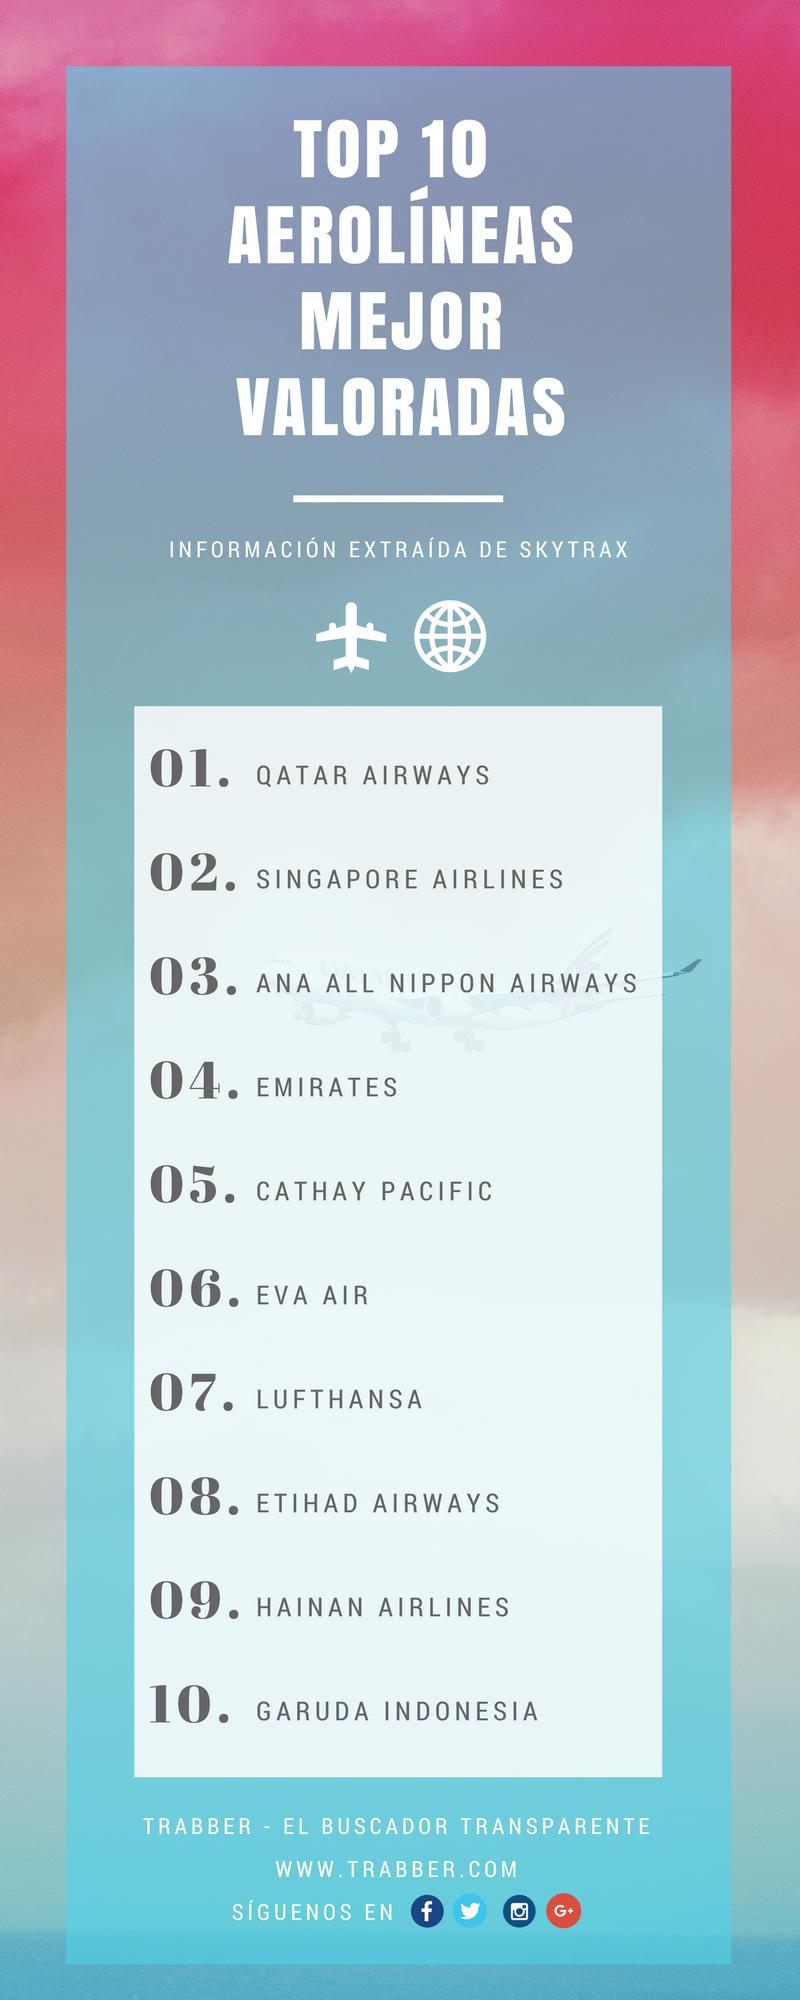 ranking aerolíneas mejor valoradas